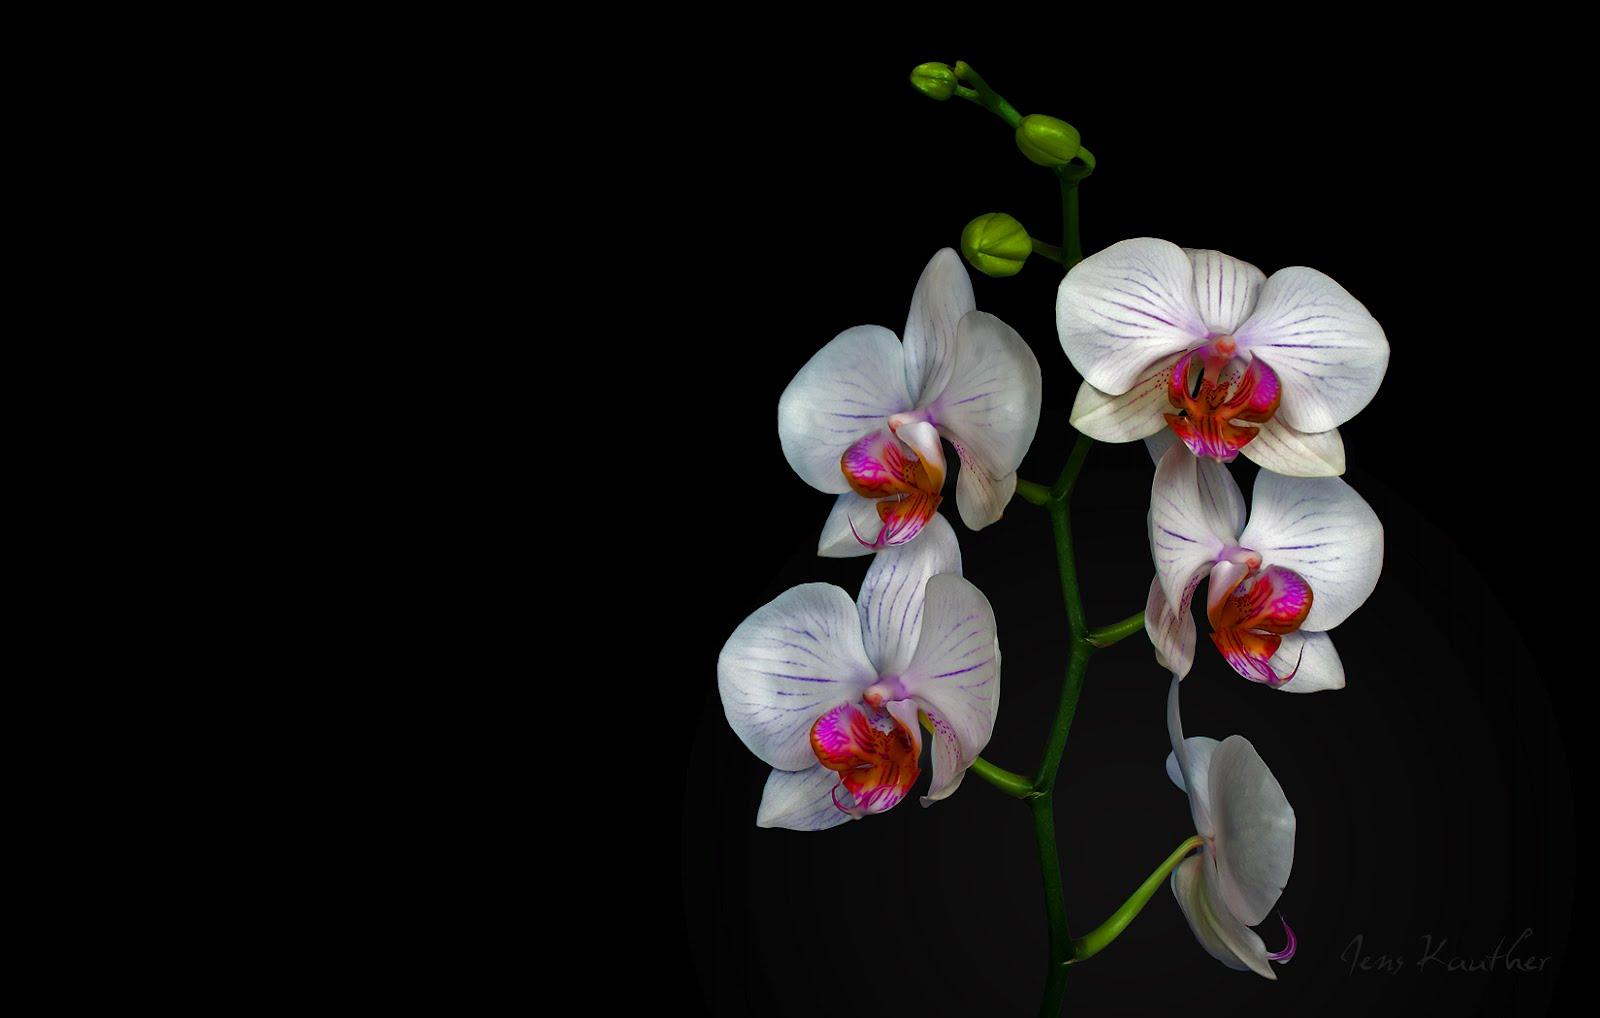 http://1.bp.blogspot.com/-eotzKmcpyrY/T361BNOUvHI/AAAAAAAAFPU/md-12XW5OP0/s1600/poze_orhidee.jpg